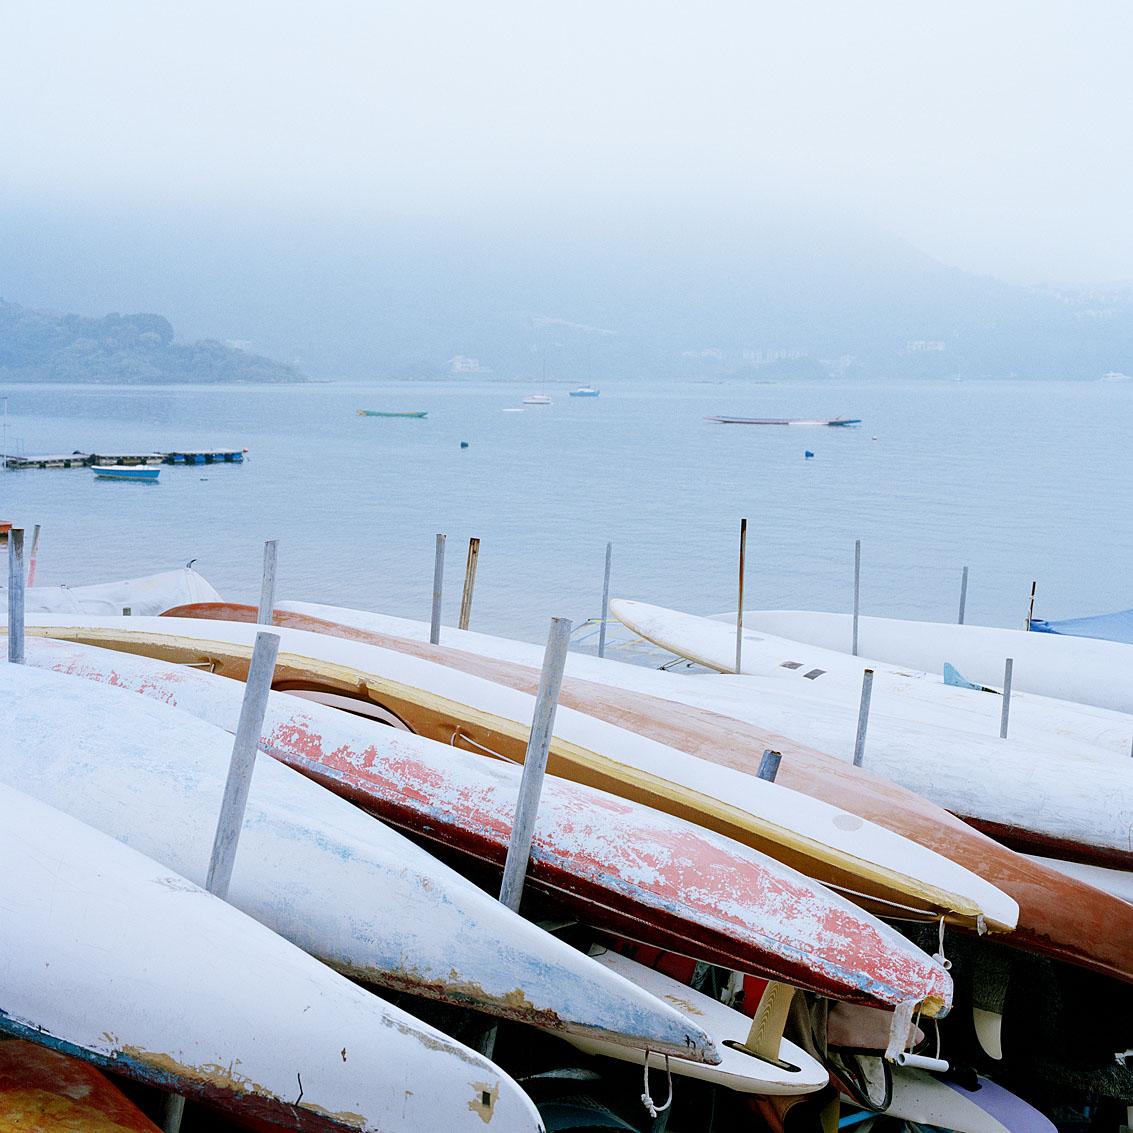 Sai Kung, nouveaux territoires de Hong Kong.